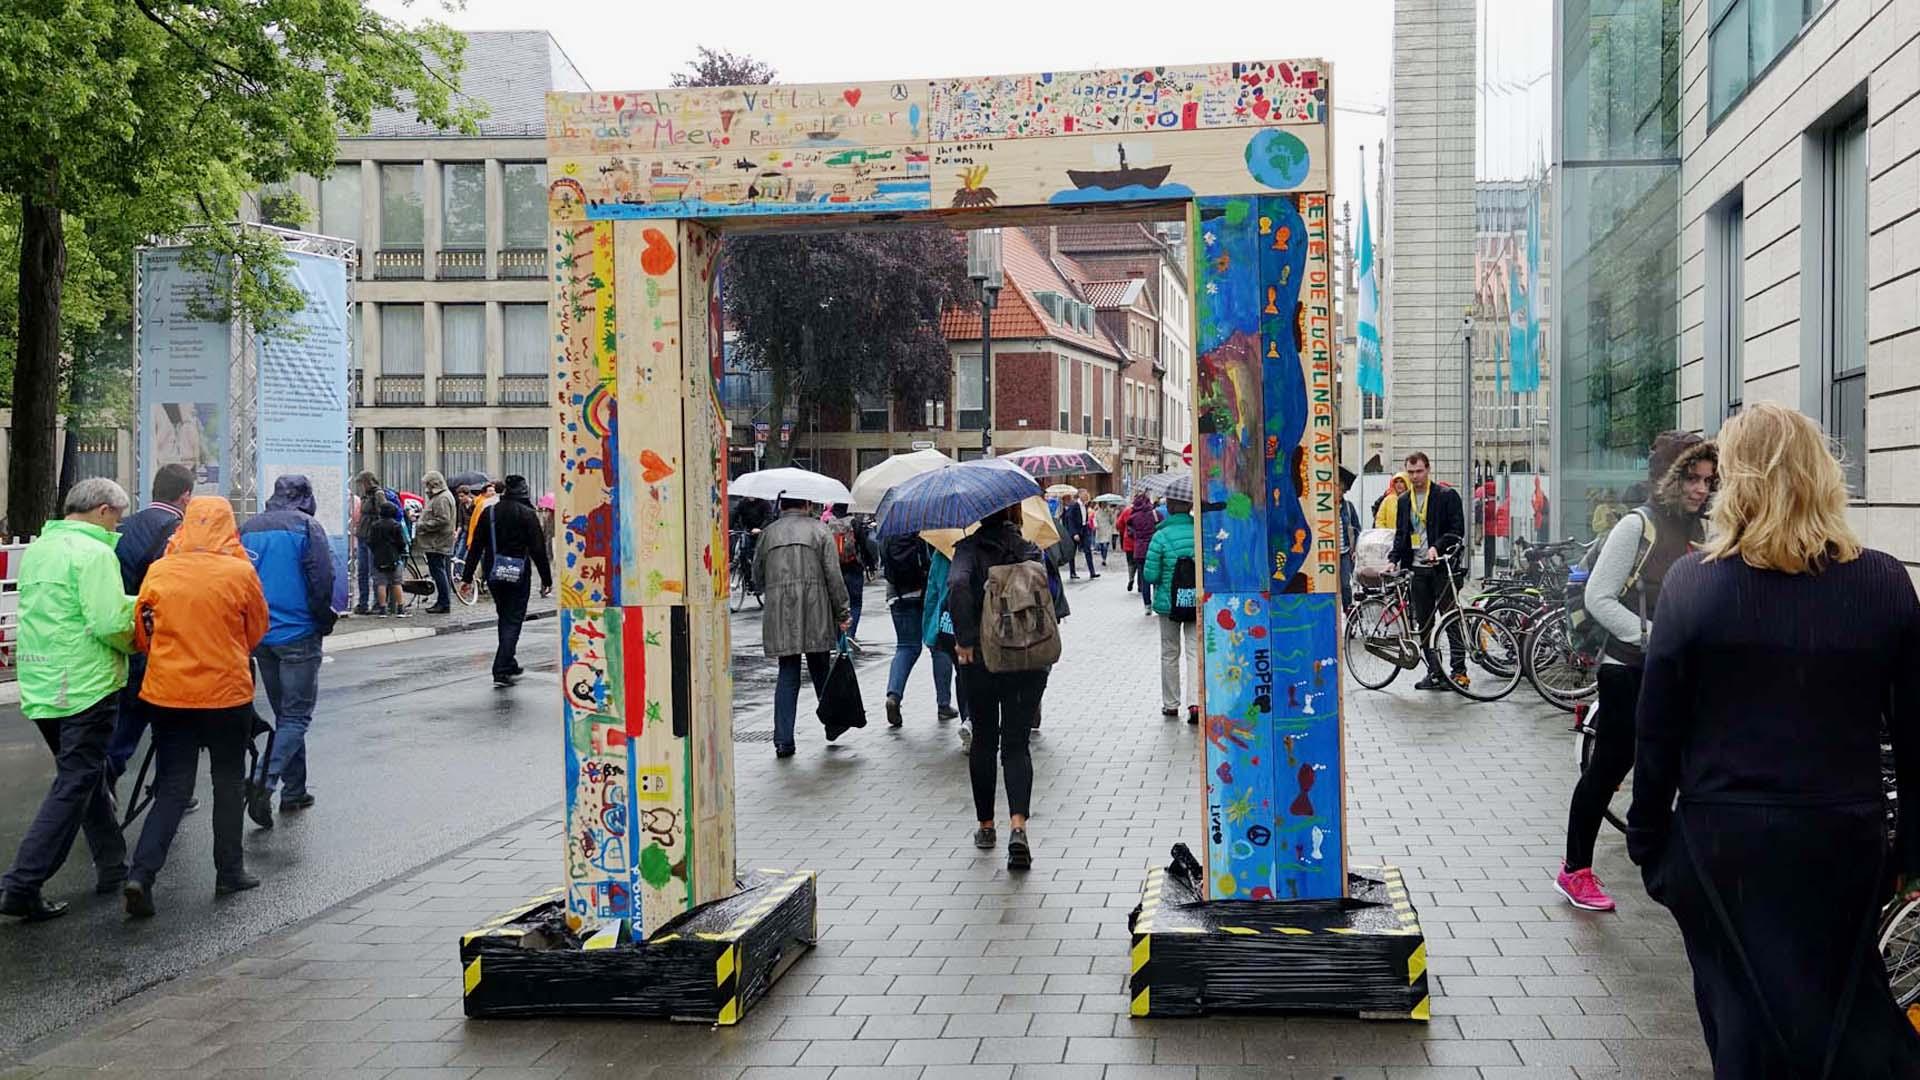 Insgesamt neun Friedenstore der Sternsinger gibt es in der Stadt. Mehr als 20.000 Kinder und Jugendliche aus ganz Deutschland haben Planken mit Botschaften für den Frieden gestaltet.